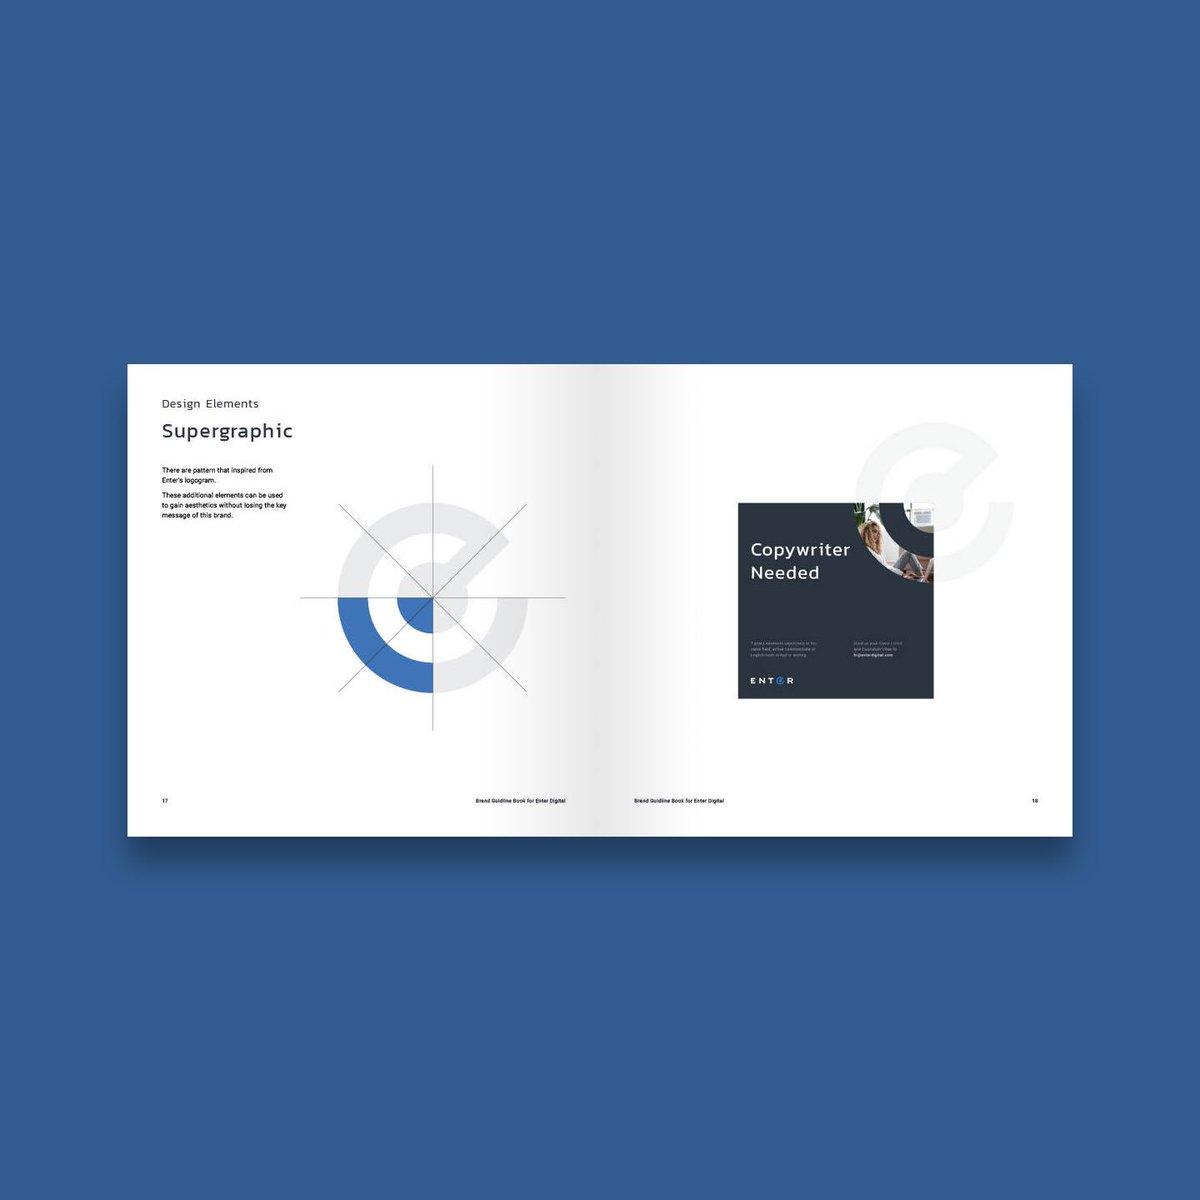 Work in progress brand book for Enter #logodesigns #workinprogress #brandbook #brandguidelines #brandidentitydesign #branddesign https://t.co/HZlDM8Kp14